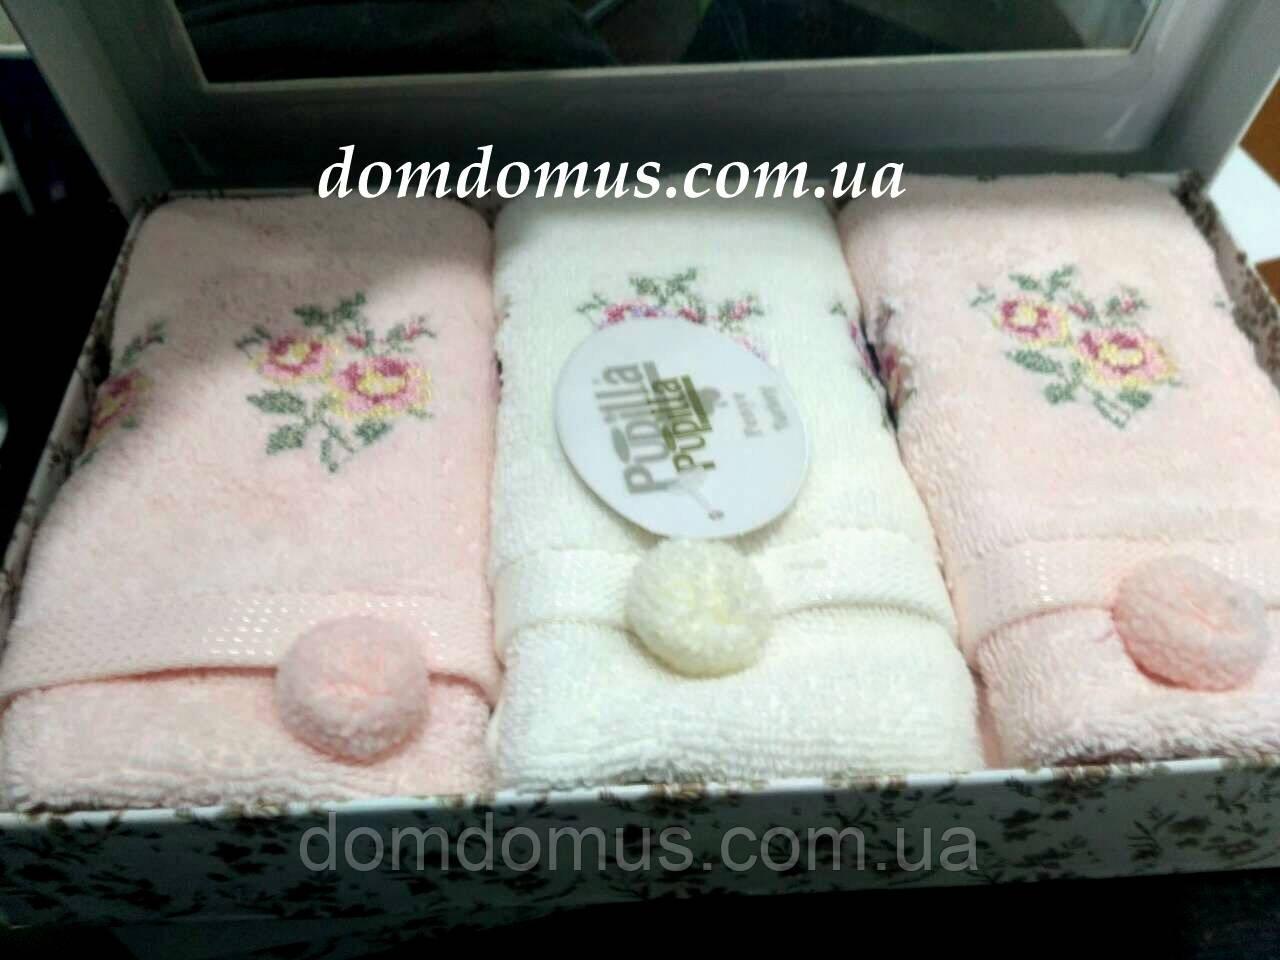 Набор полотенец в подарочной упаковке 3D вышивка, 30*50 см, 3 шт. (100 % бамбук) Puppila, Турция 7031